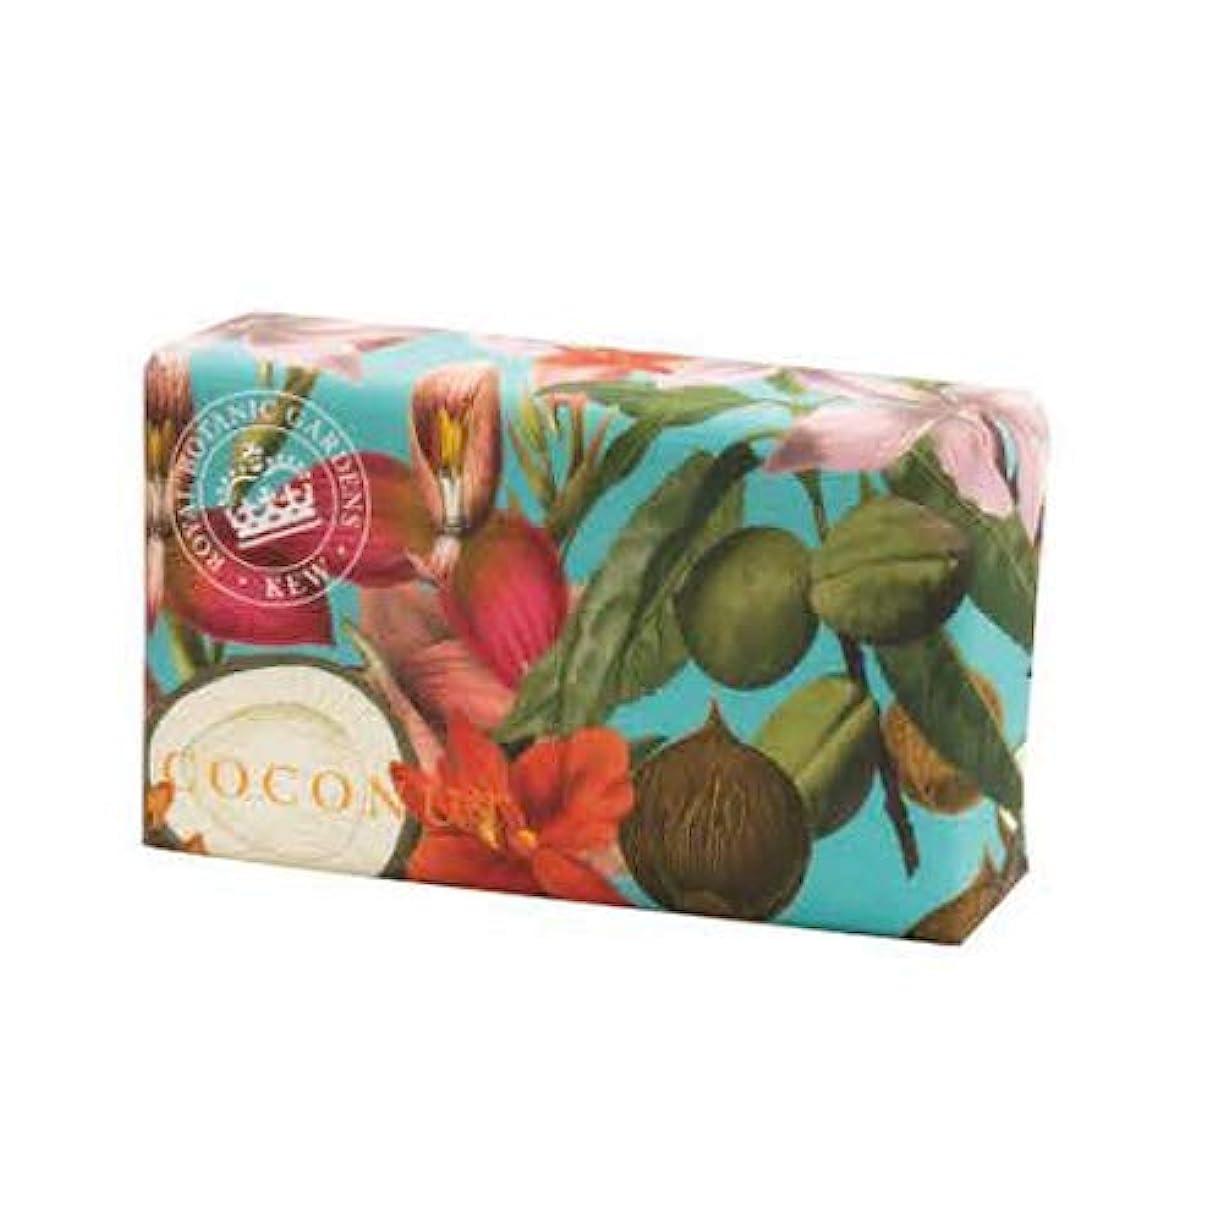 値する解体する海洋English Soap Company イングリッシュソープカンパニー KEW GARDEN キュー?ガーデン Luxury Shea Soaps シアソープ Coconut ココナッツ